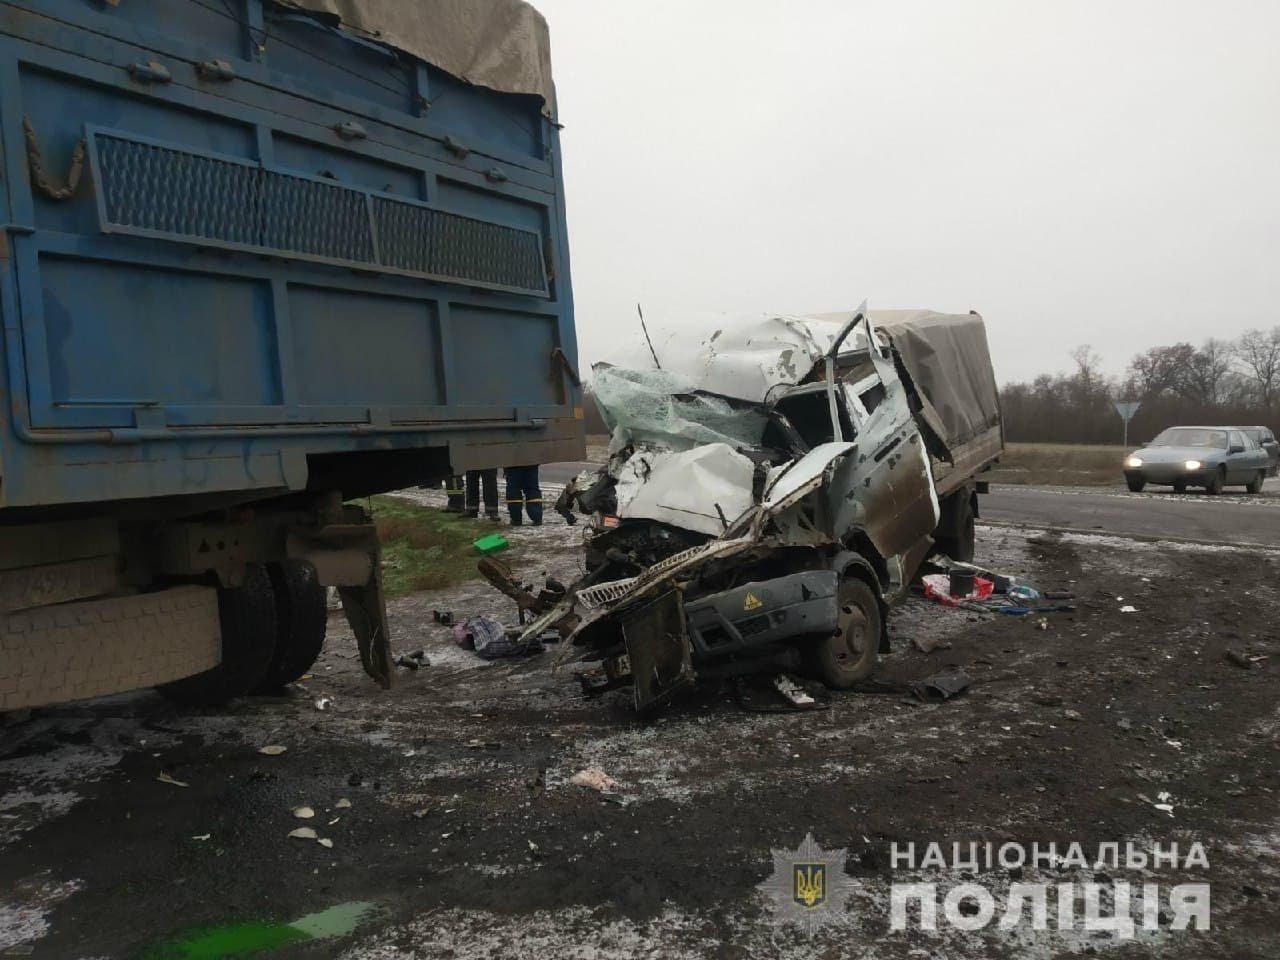 На трассе в Харьковской области столкнулись грузовики: от удара одну из машин смяло, есть пострадавший, - ФОТО, фото-1